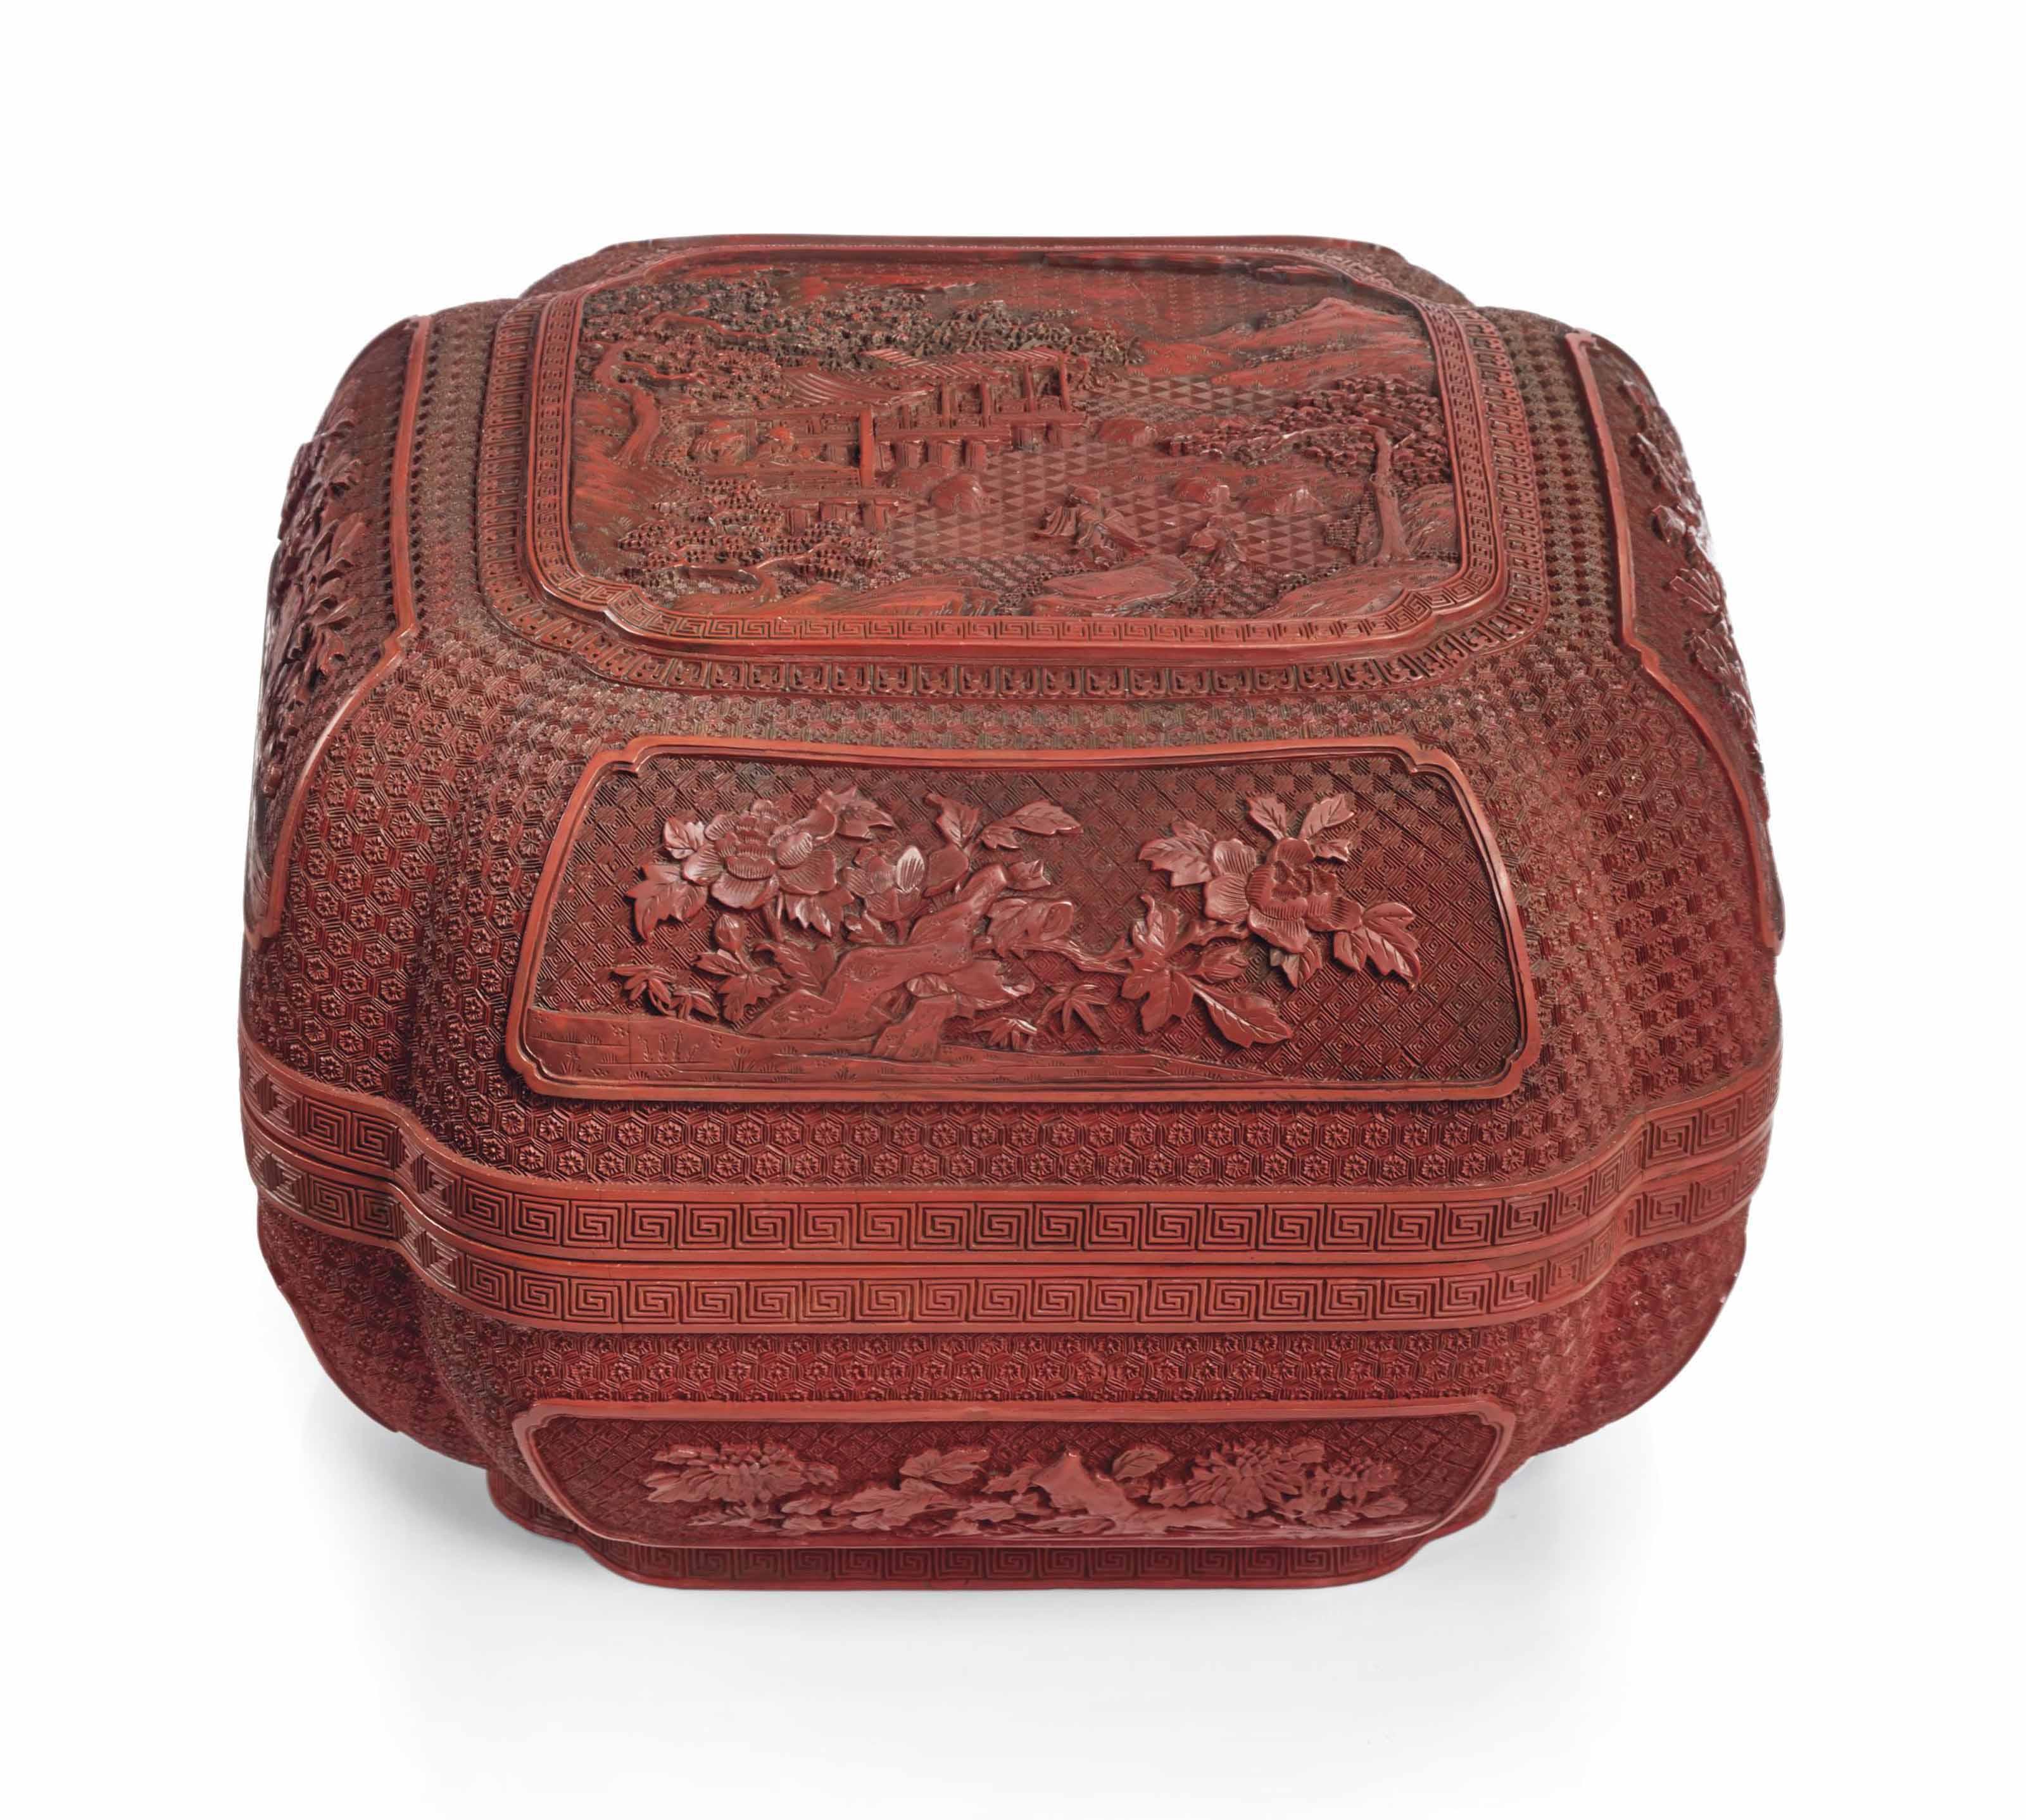 boite couverte en laque rouge sculptee chine dynastie qing xviiieme siecle christie 39 s. Black Bedroom Furniture Sets. Home Design Ideas